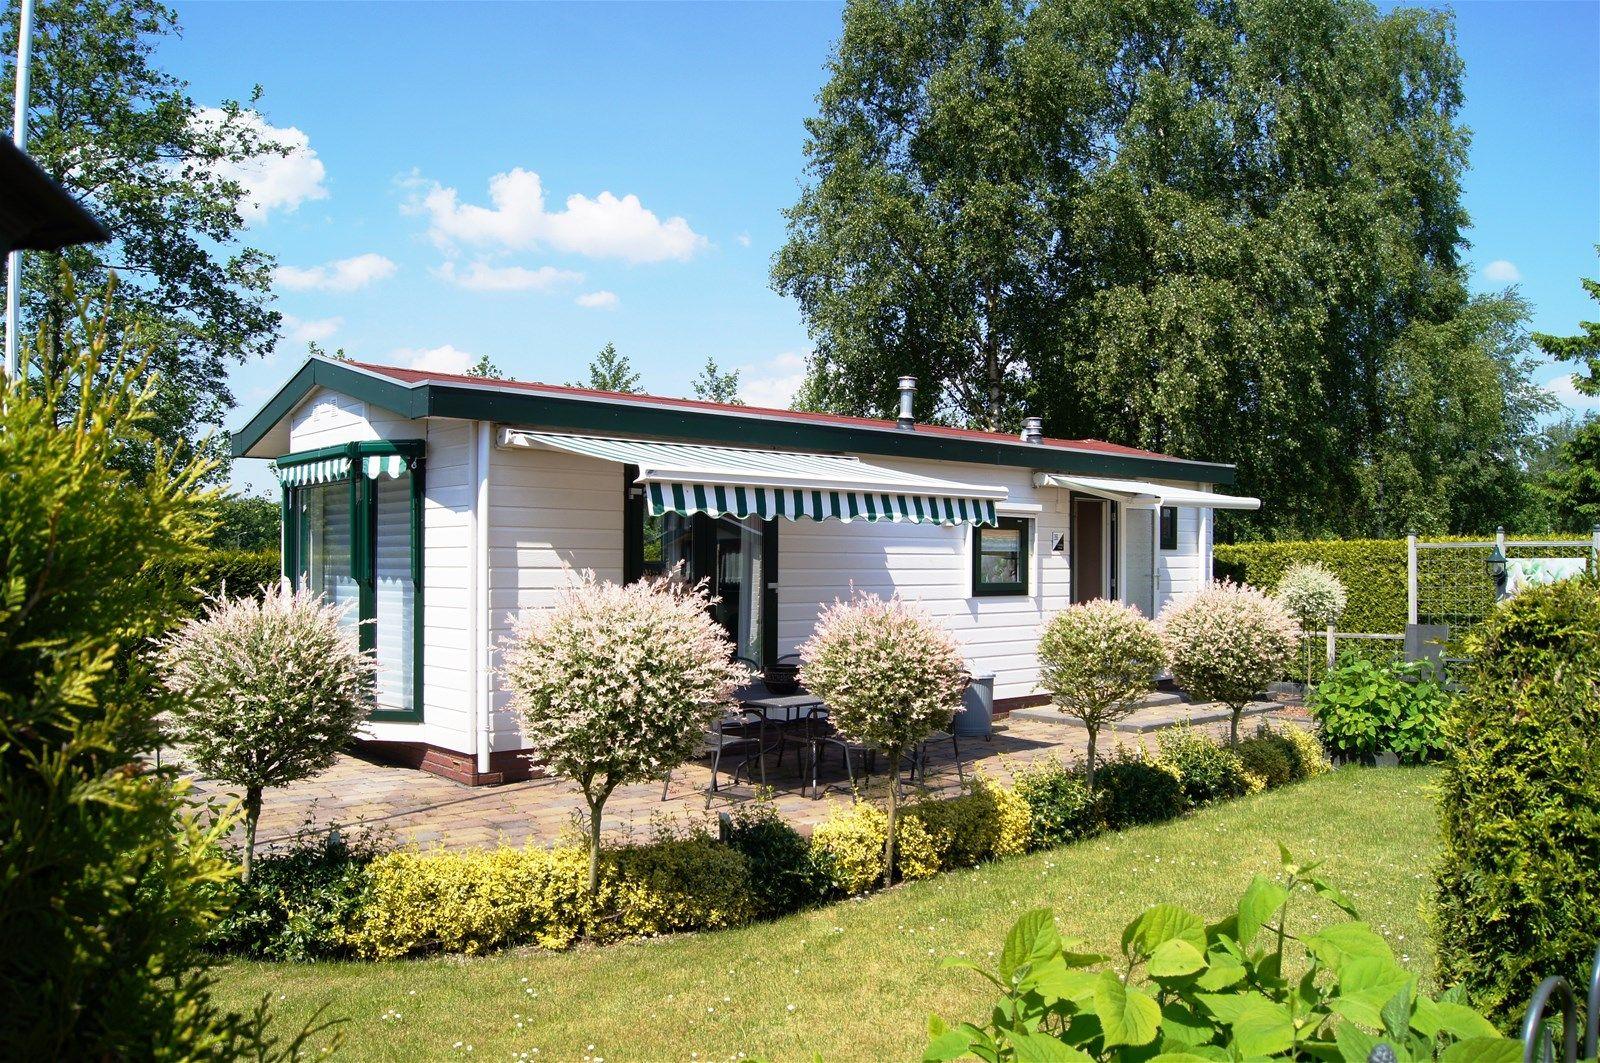 Horster-Engweg 17-351, Ermelo